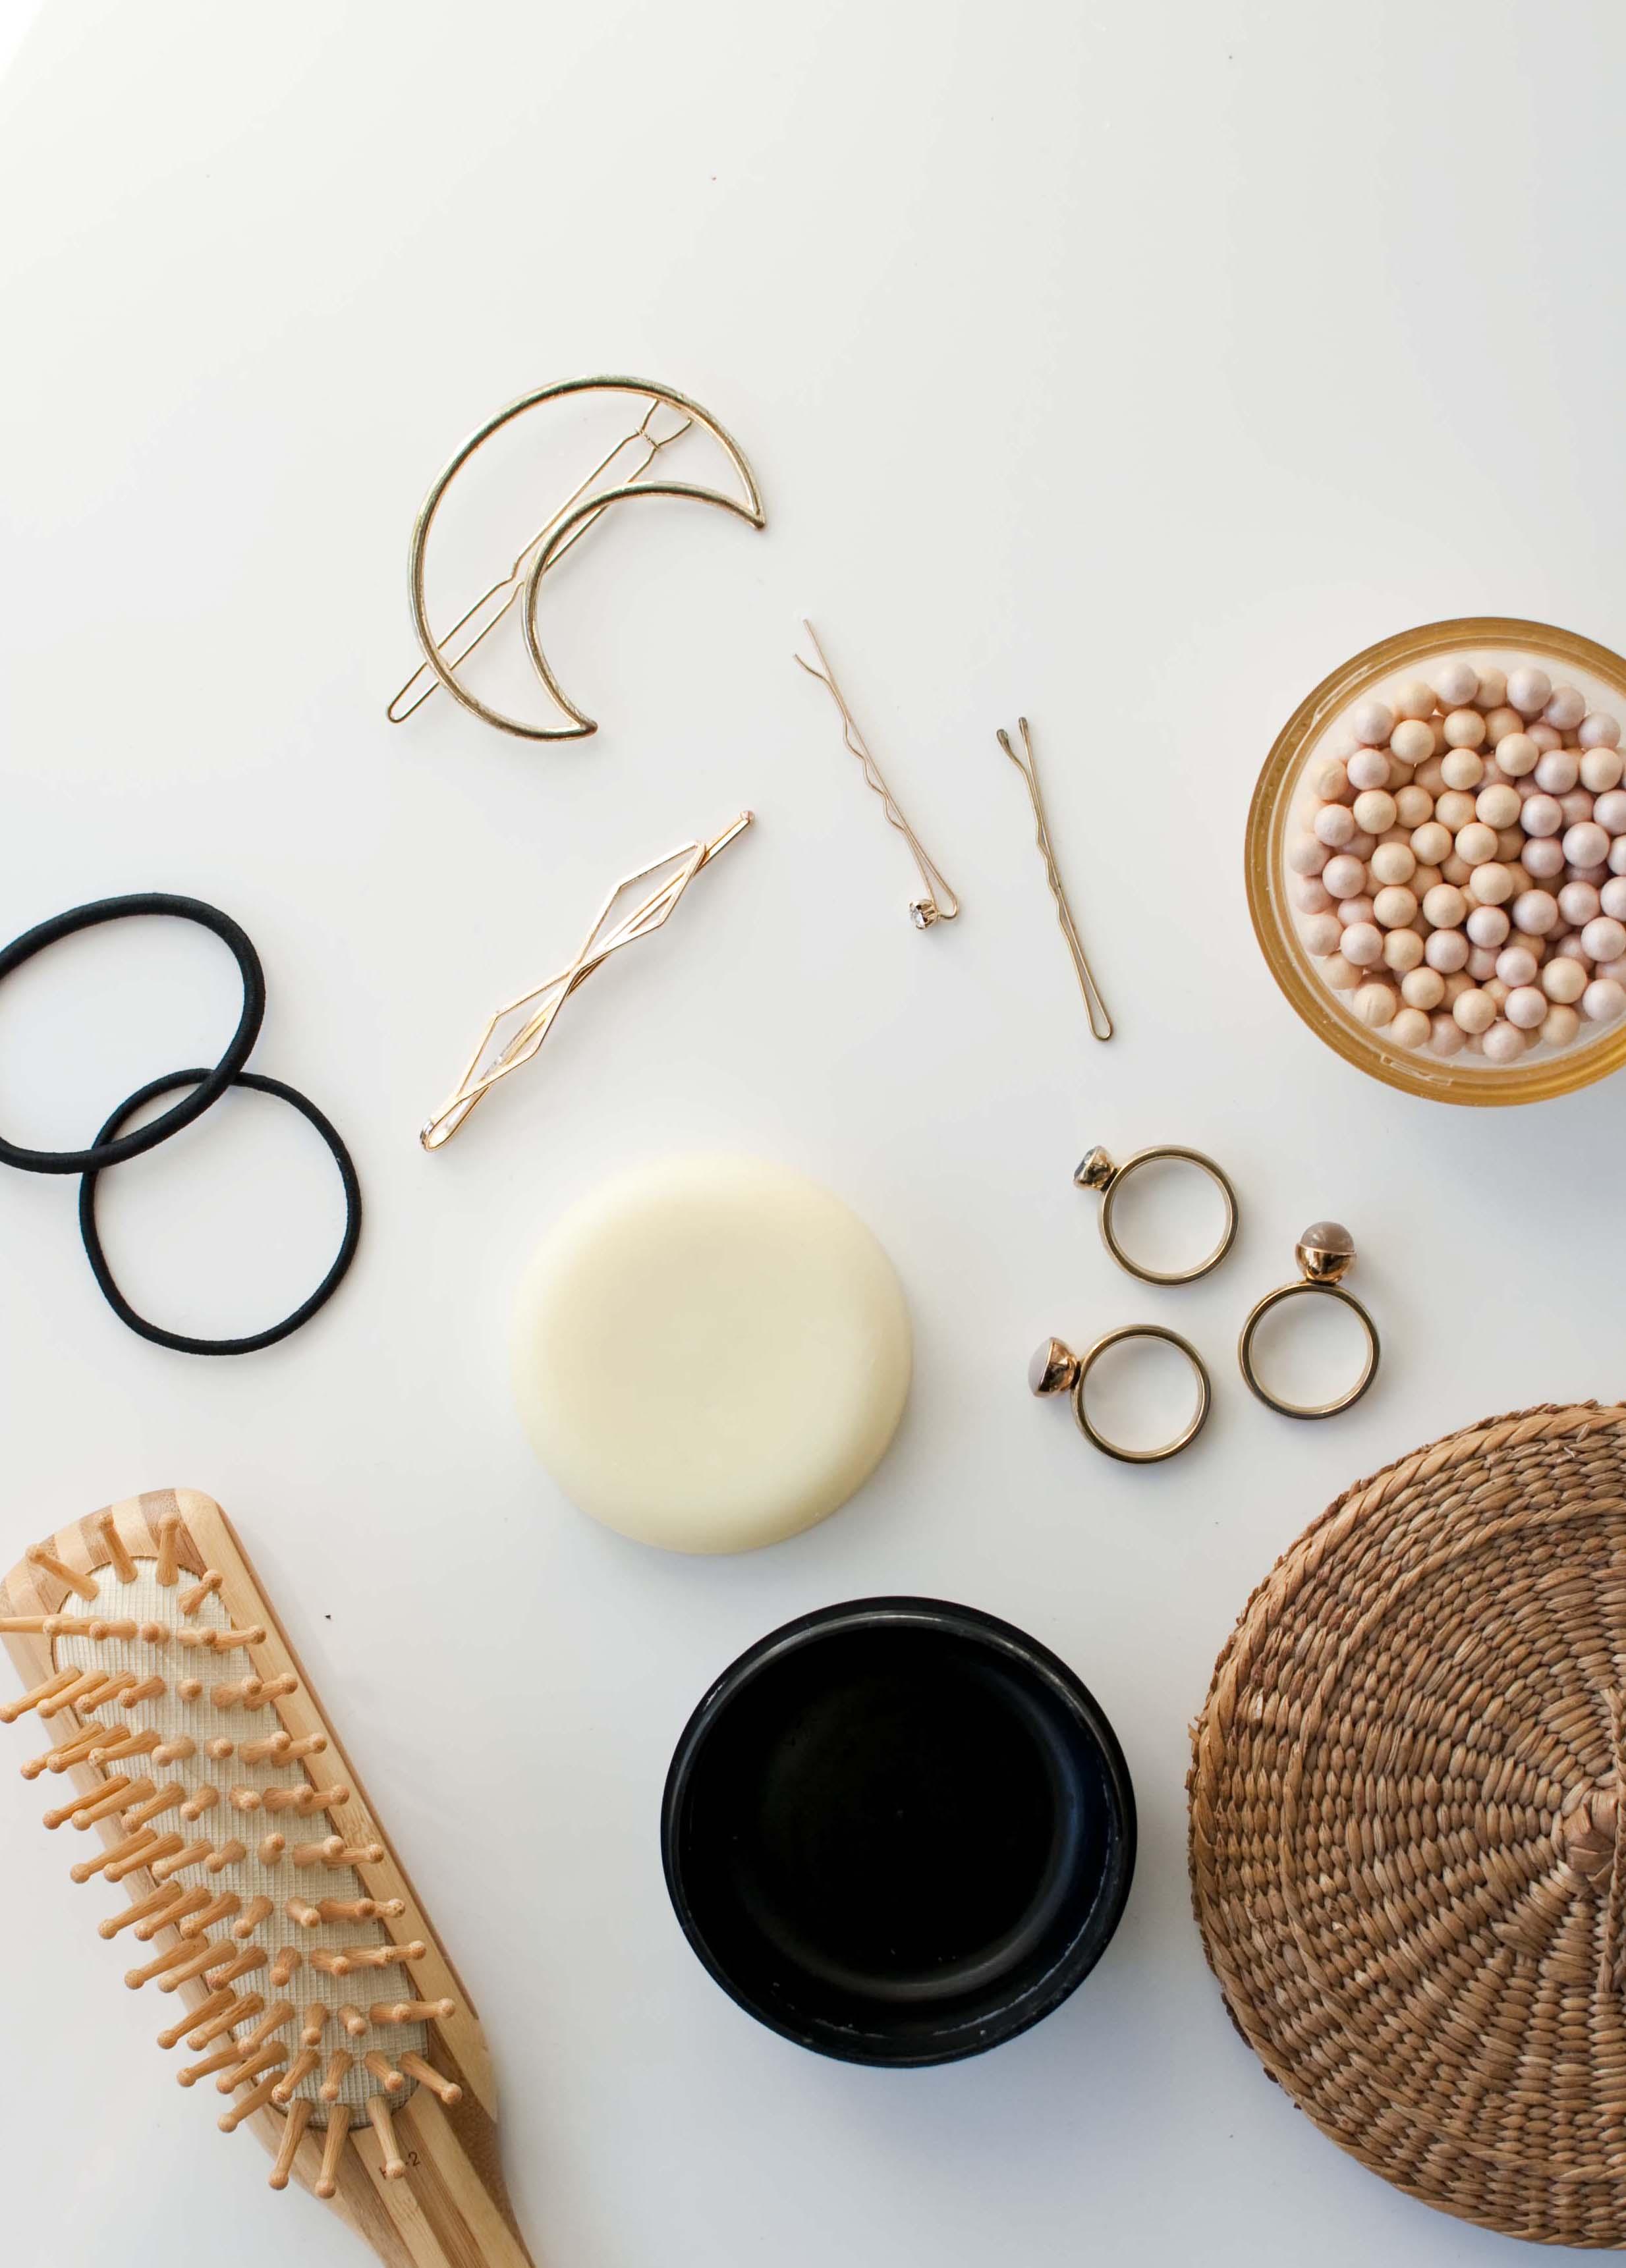 Diy solid hair oil natuurlijk zelf maken